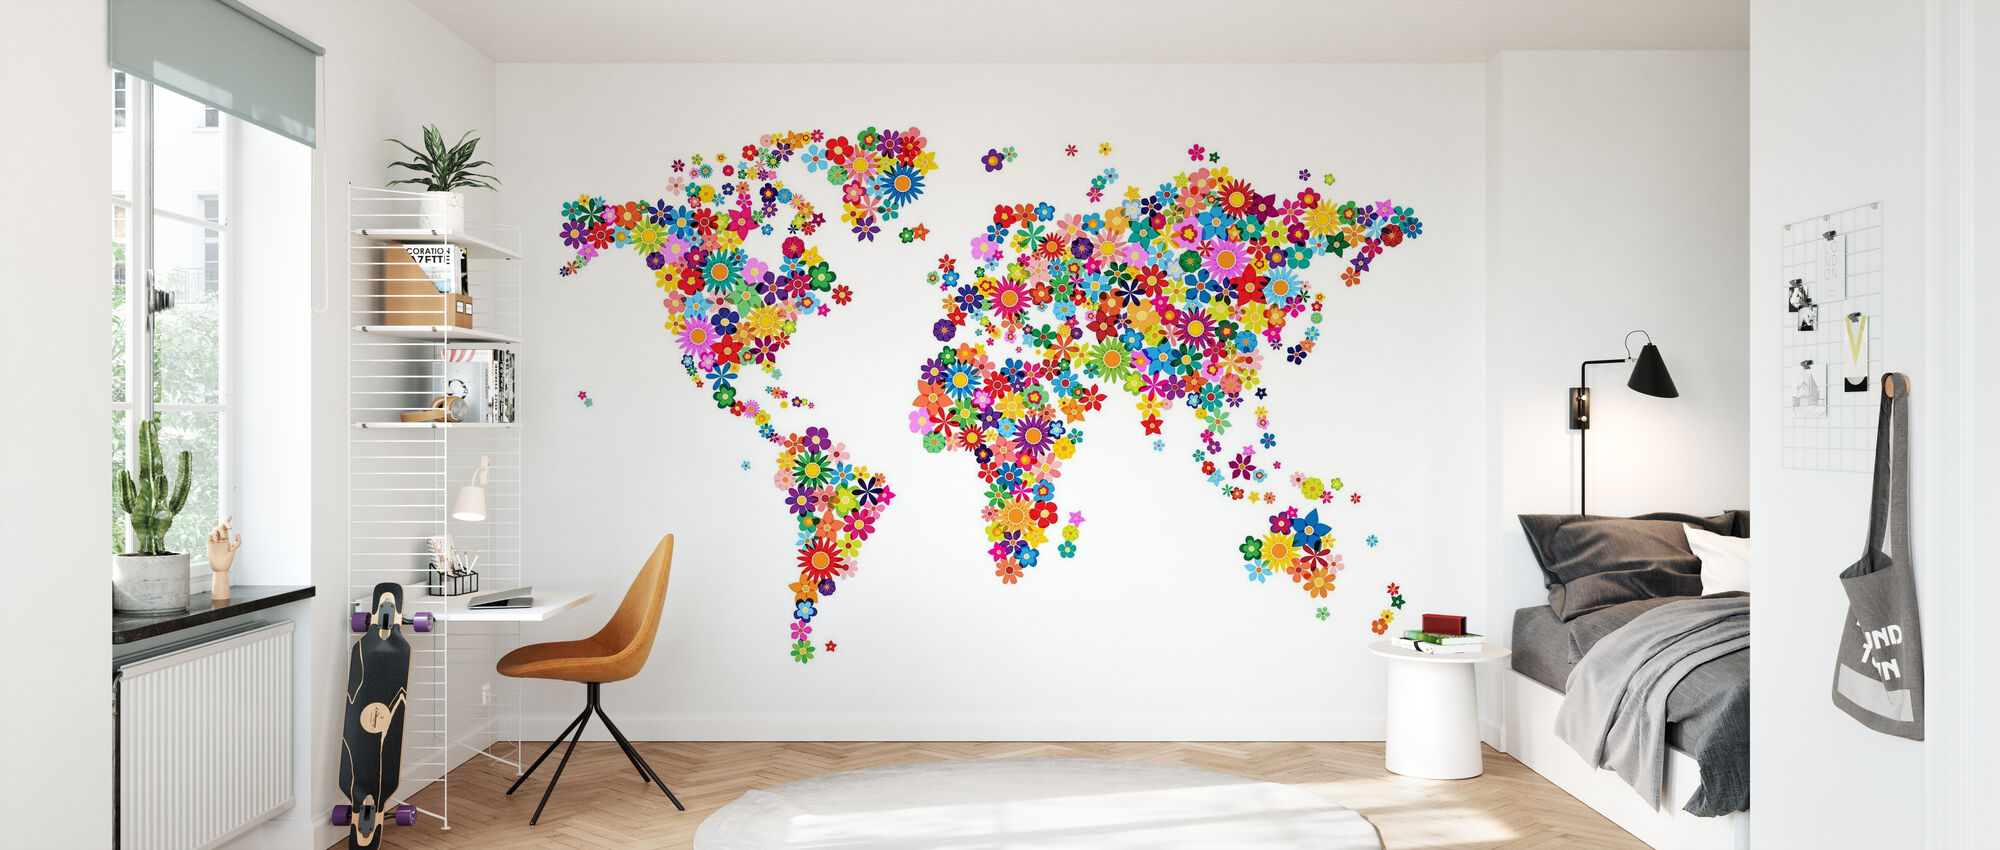 Blumen Weltkarte - Tapete - Kinderzimmer